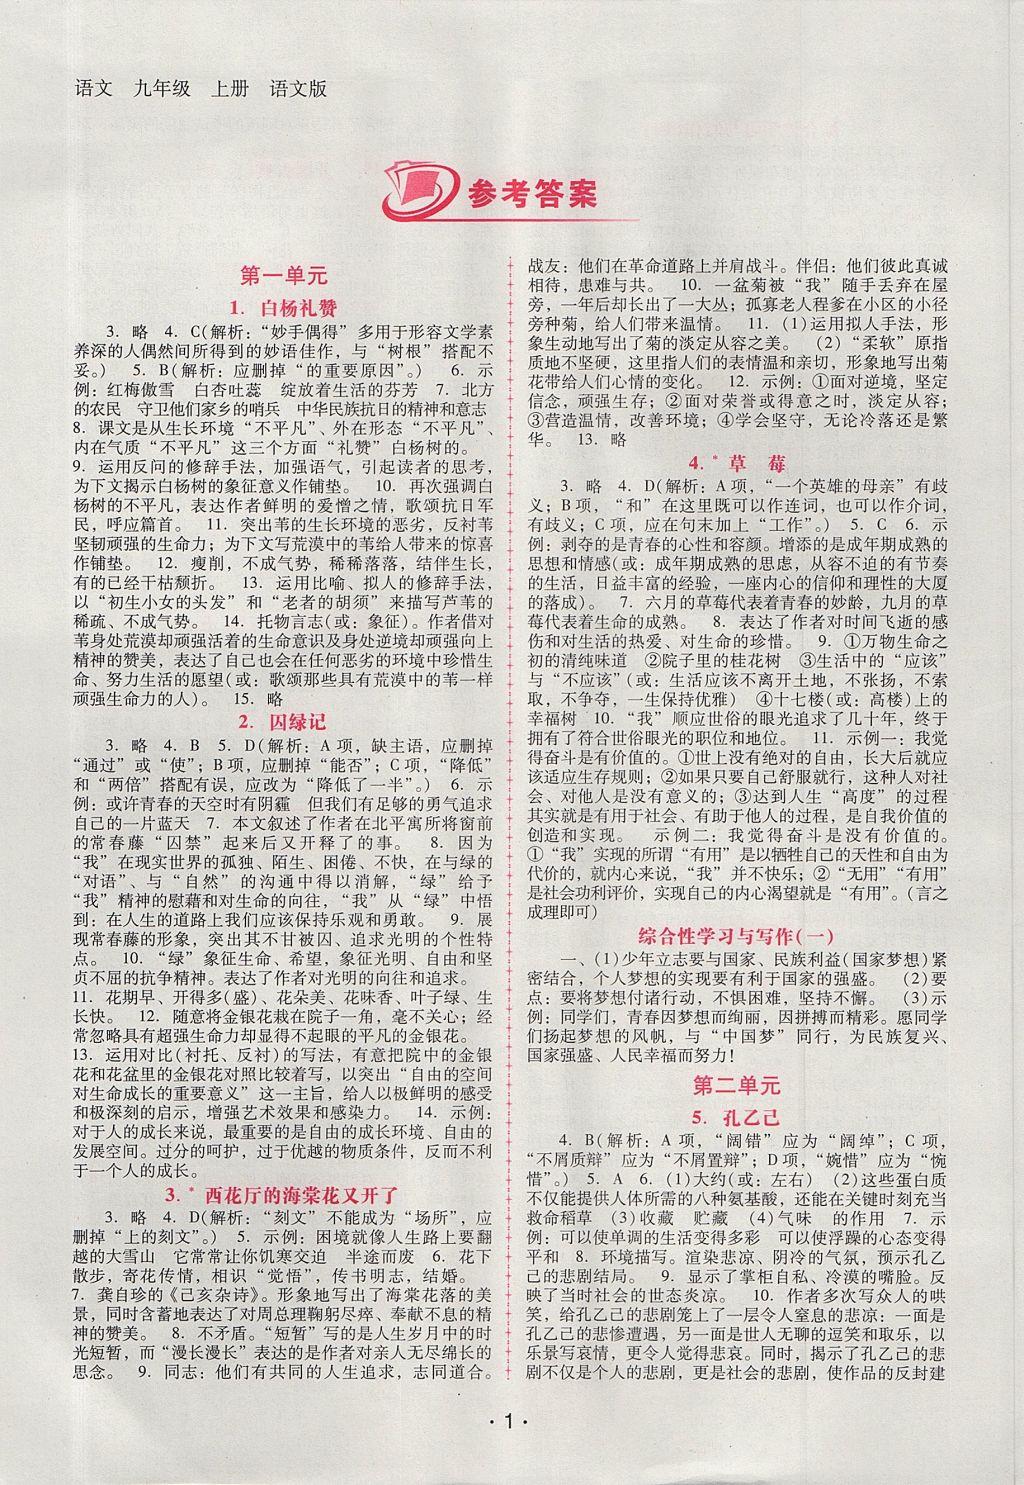 2017年摘抄与自主学习新课程学习参考九初中美文年级语语文辅导上册文版300互动答案字图片